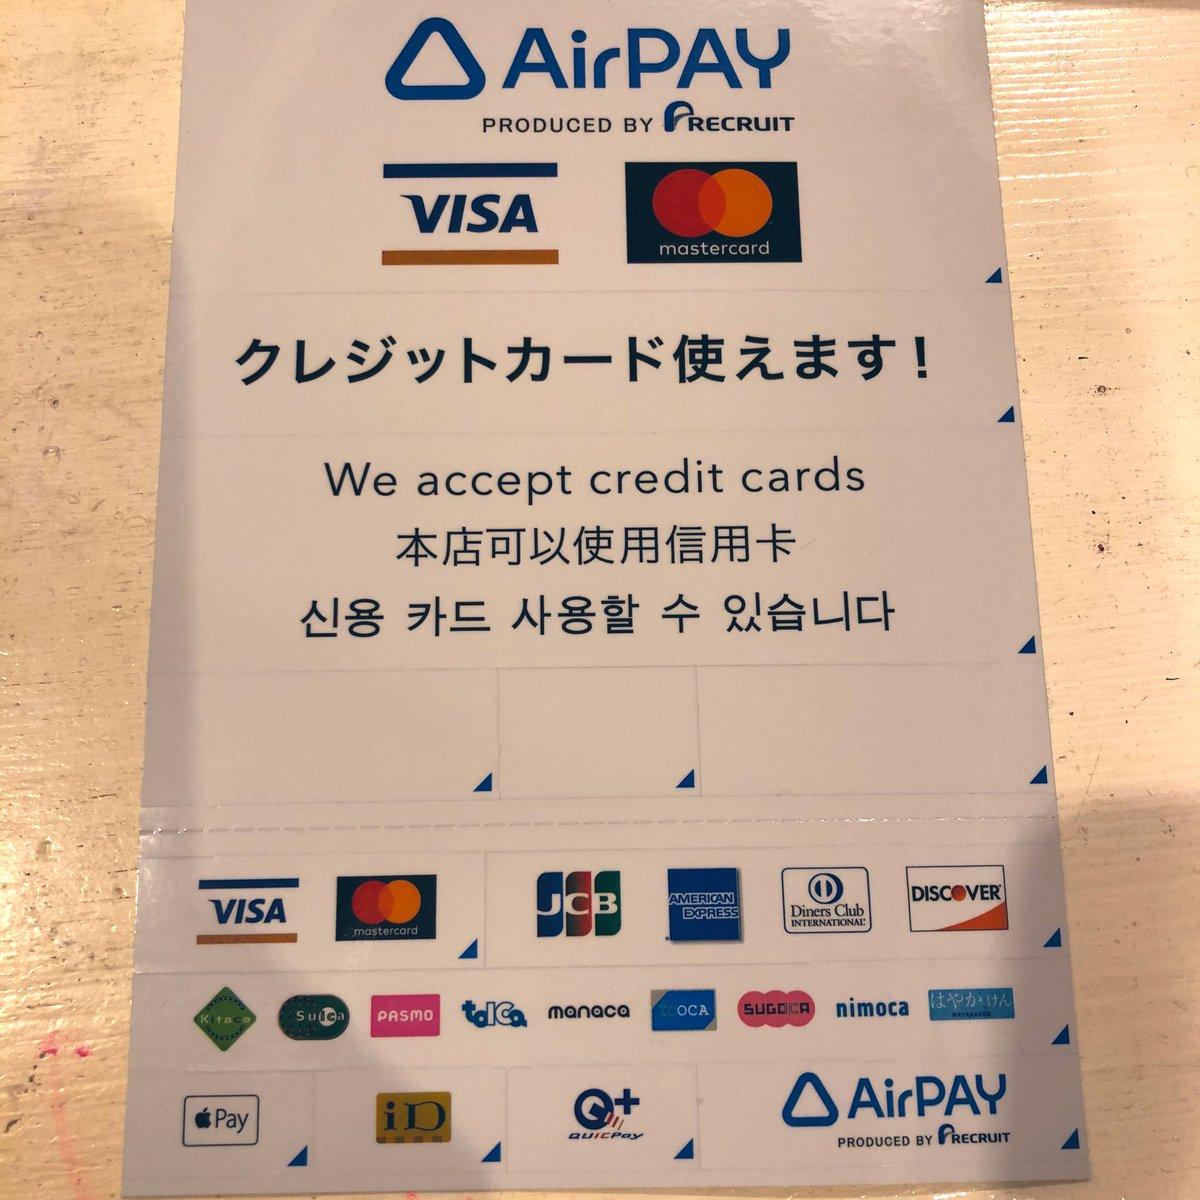 AirPAY導入したのでクレジットカード使えるようになりました🏦💸さらに沼に…笑